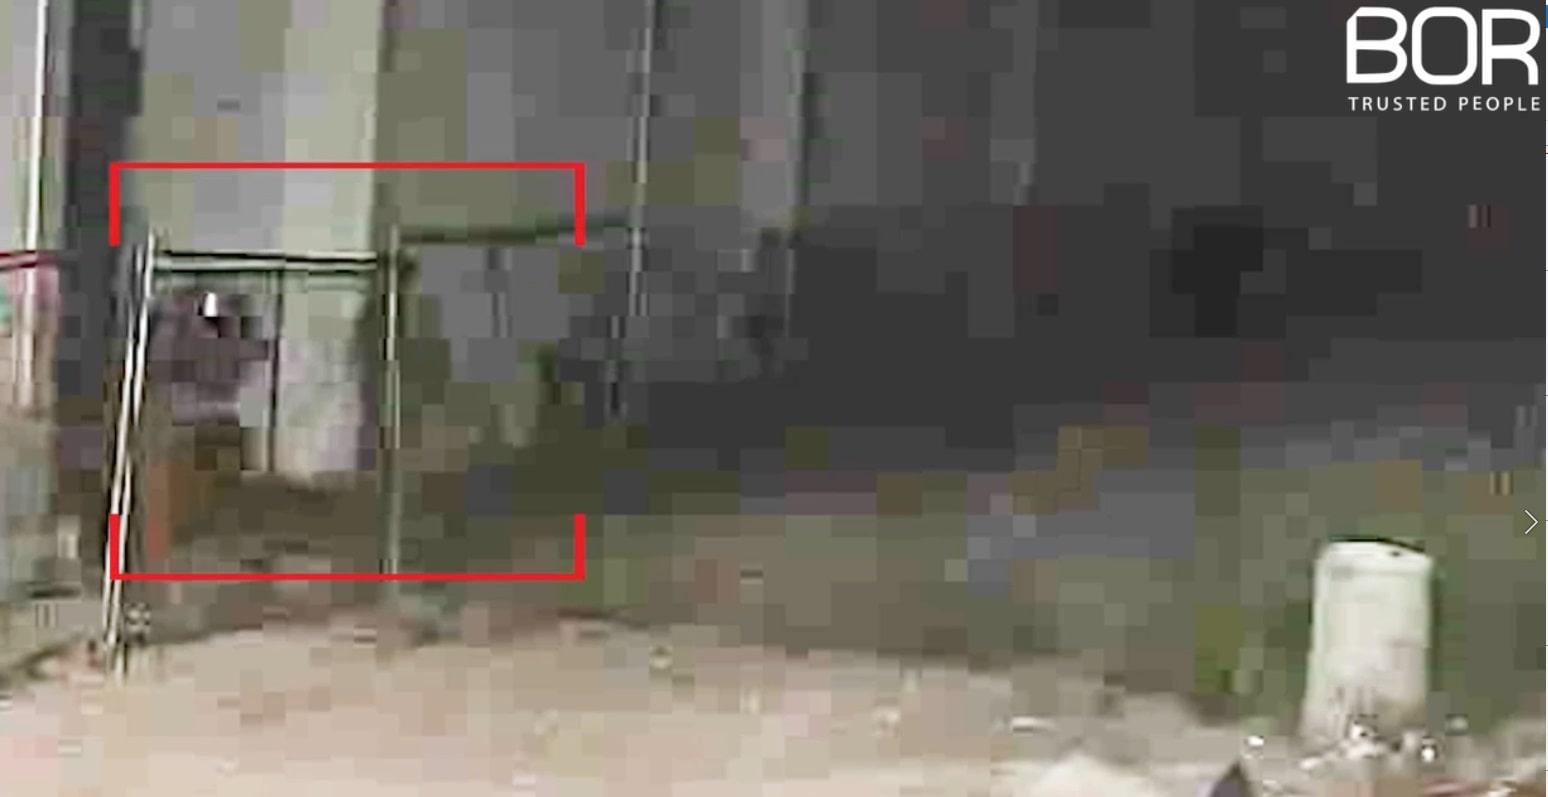 Intrusione dissuasa a Caserta presso un cantiere di lavori